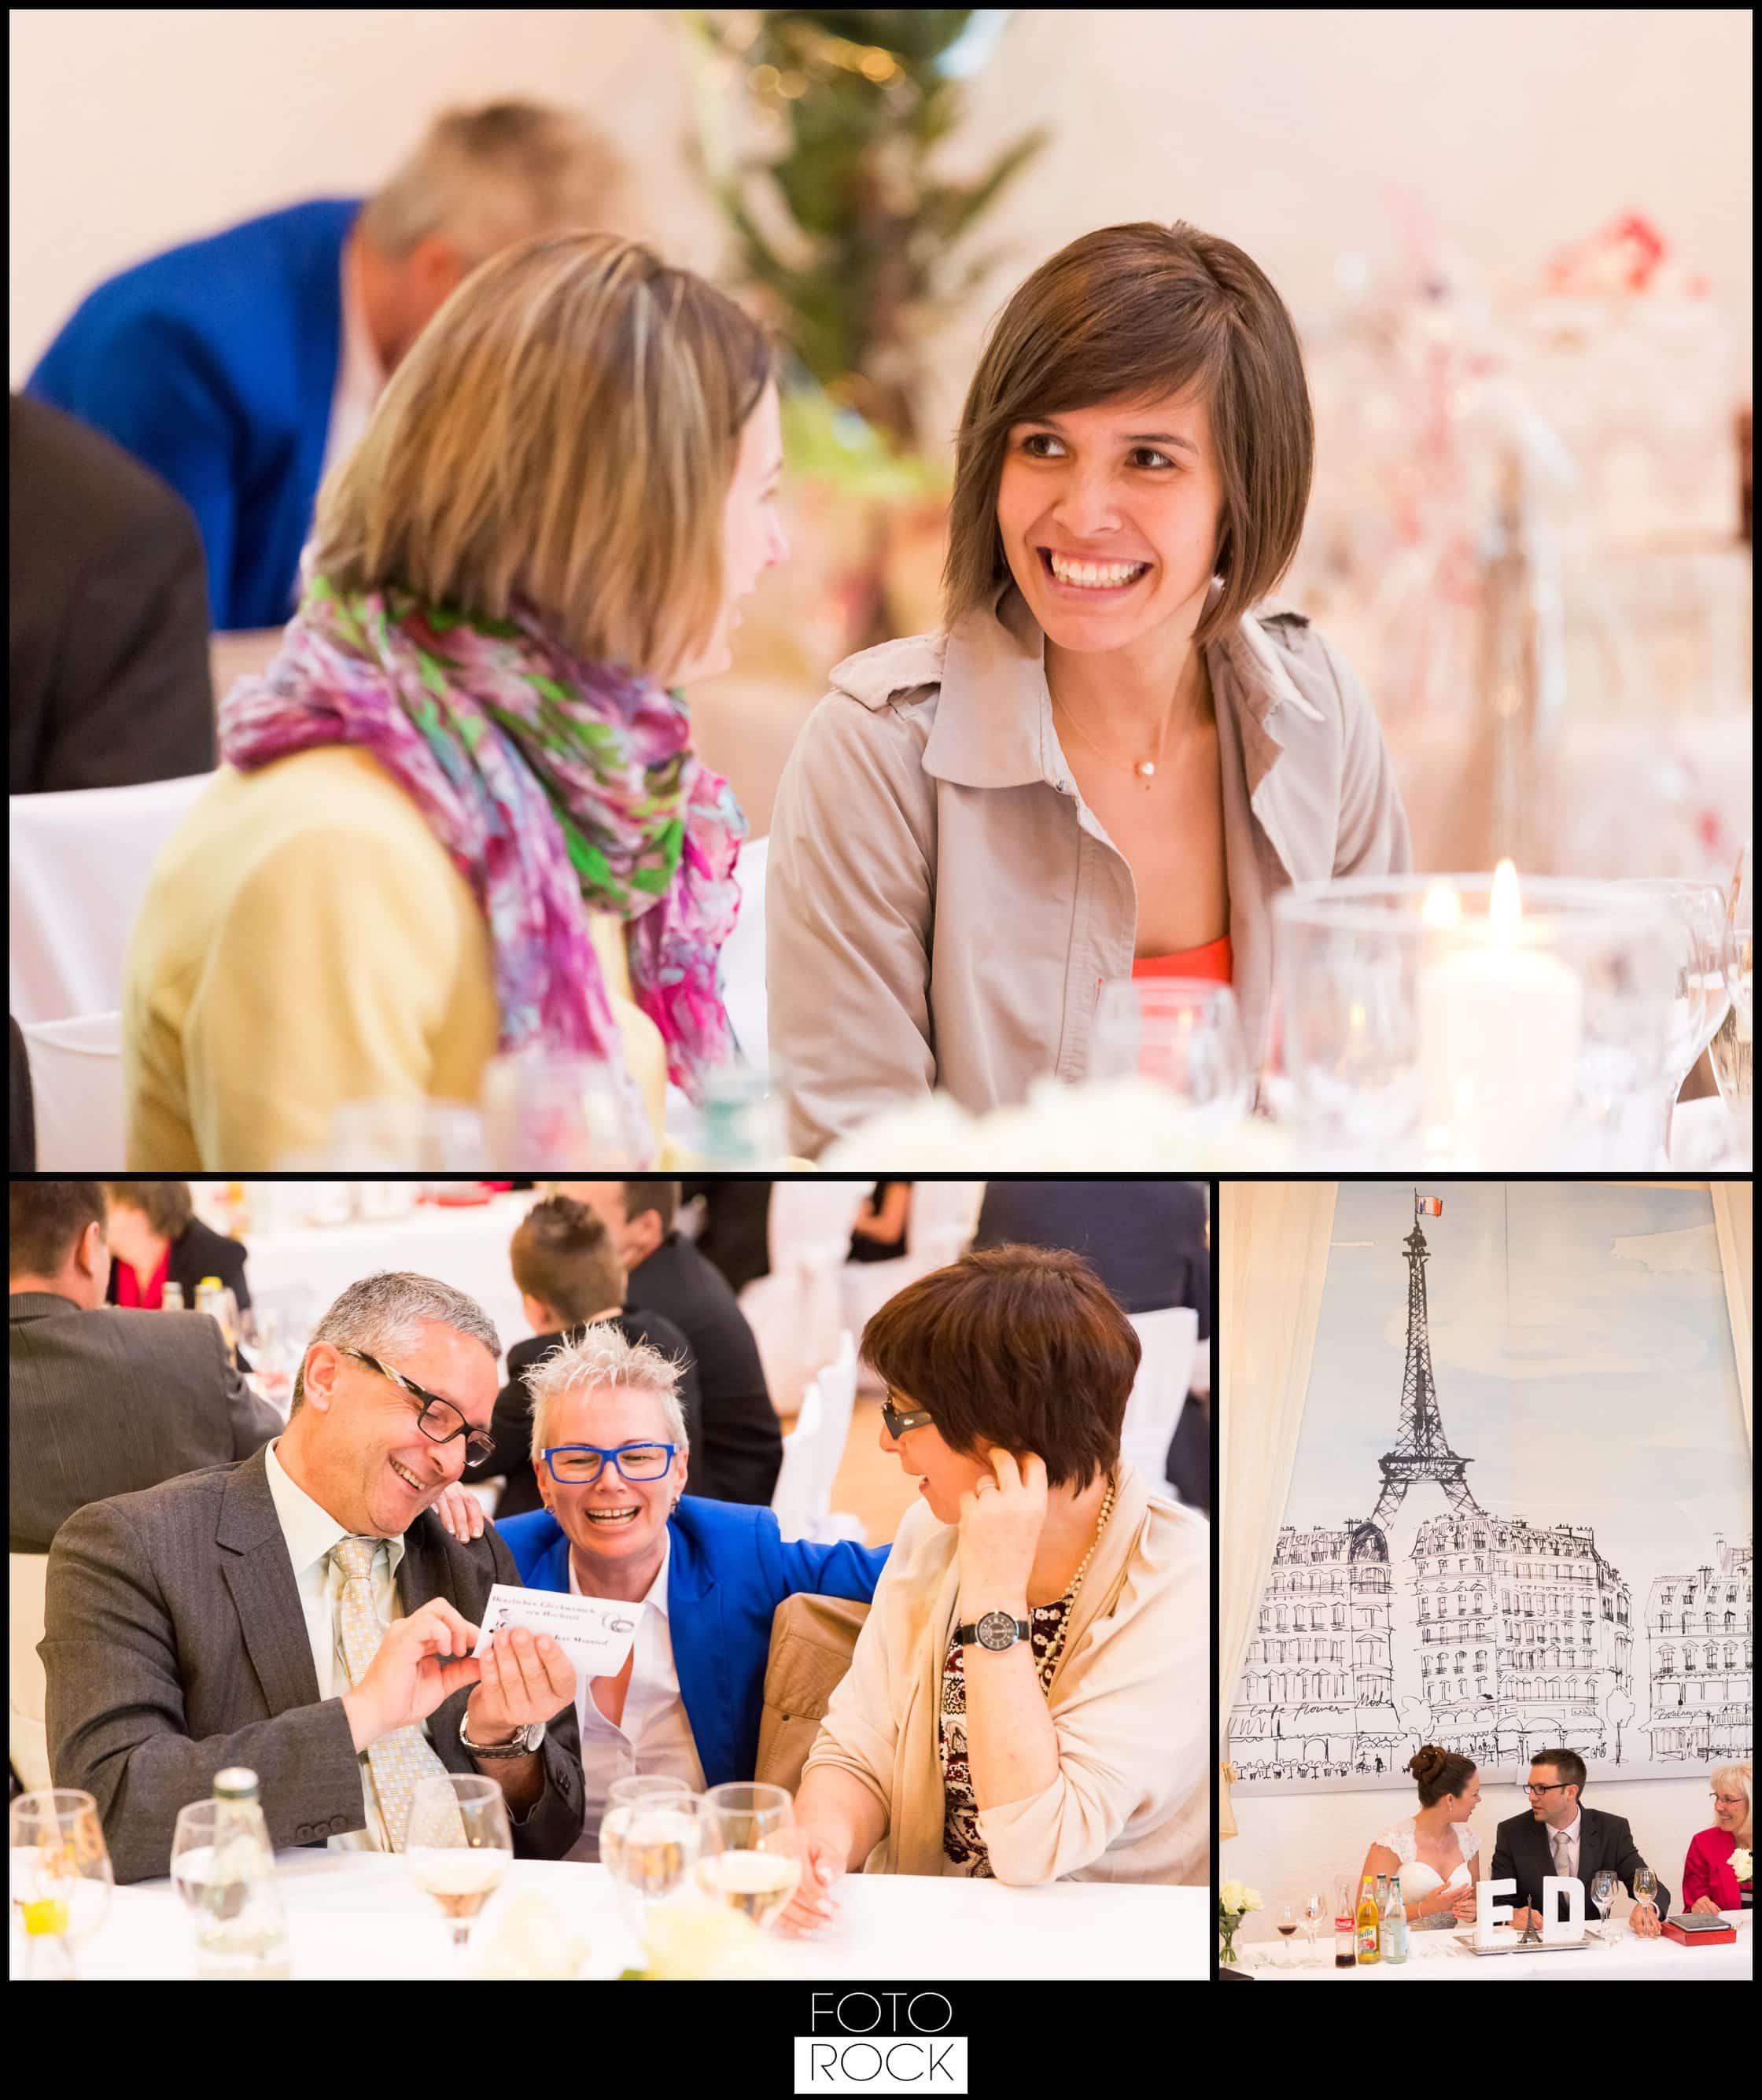 Hochzeit Vitra Design Museum Weil am Rhein Location Feier Gäste Wein Brautpaar